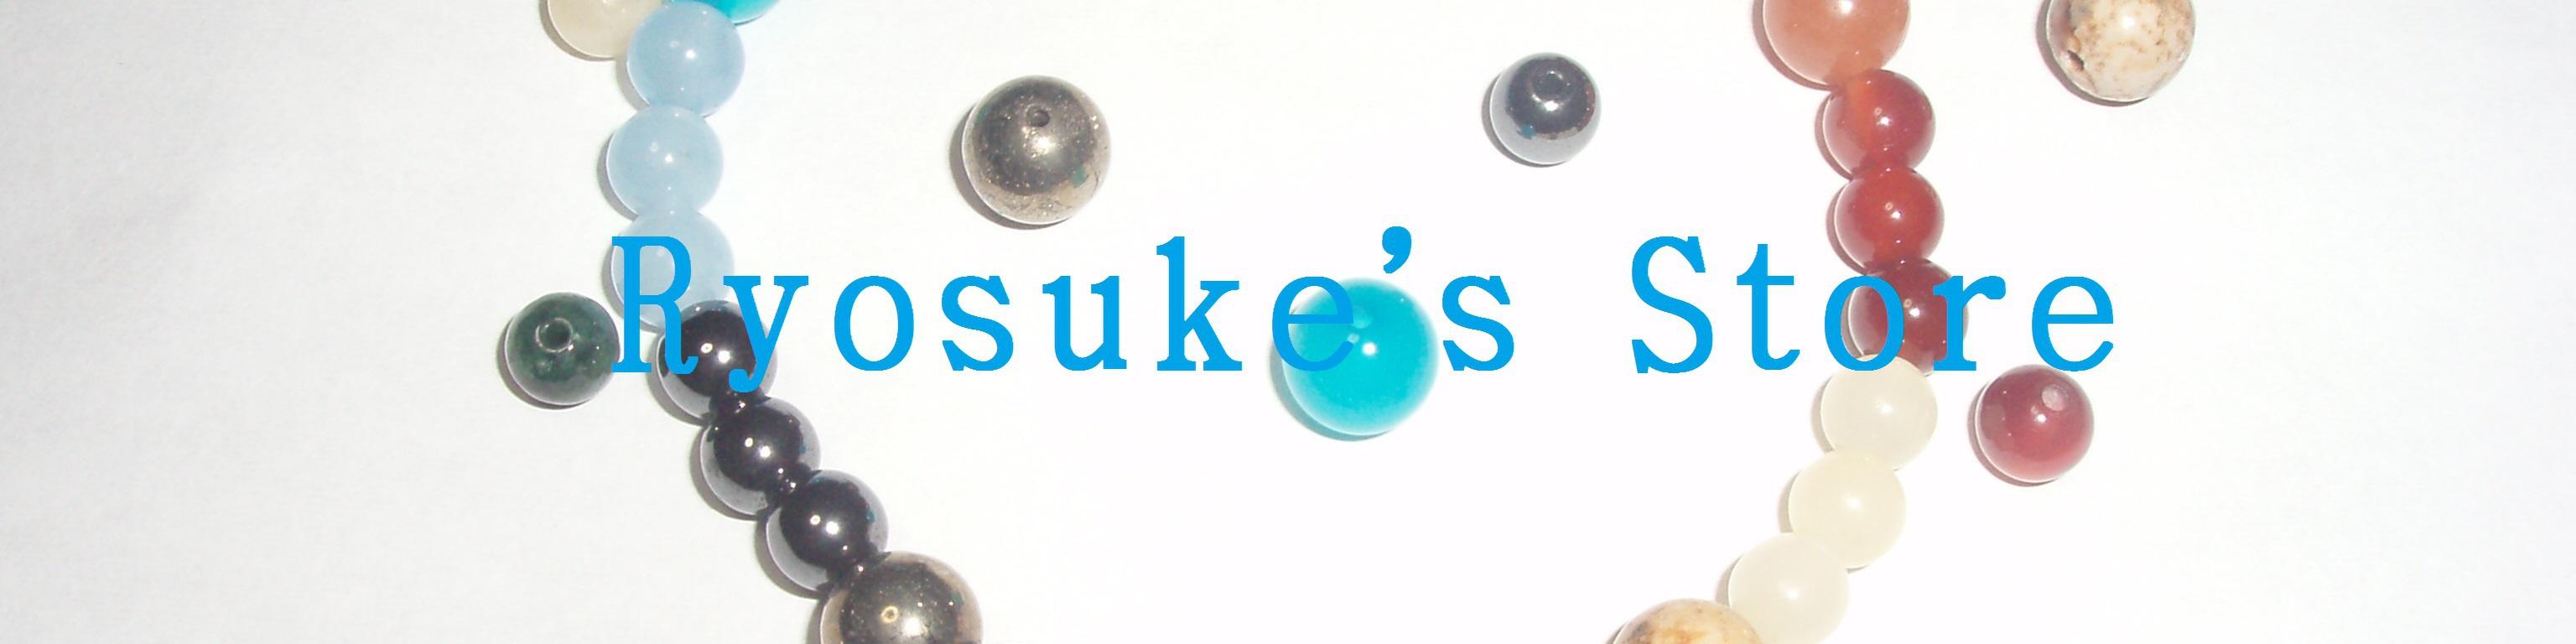 Ryosuke's store